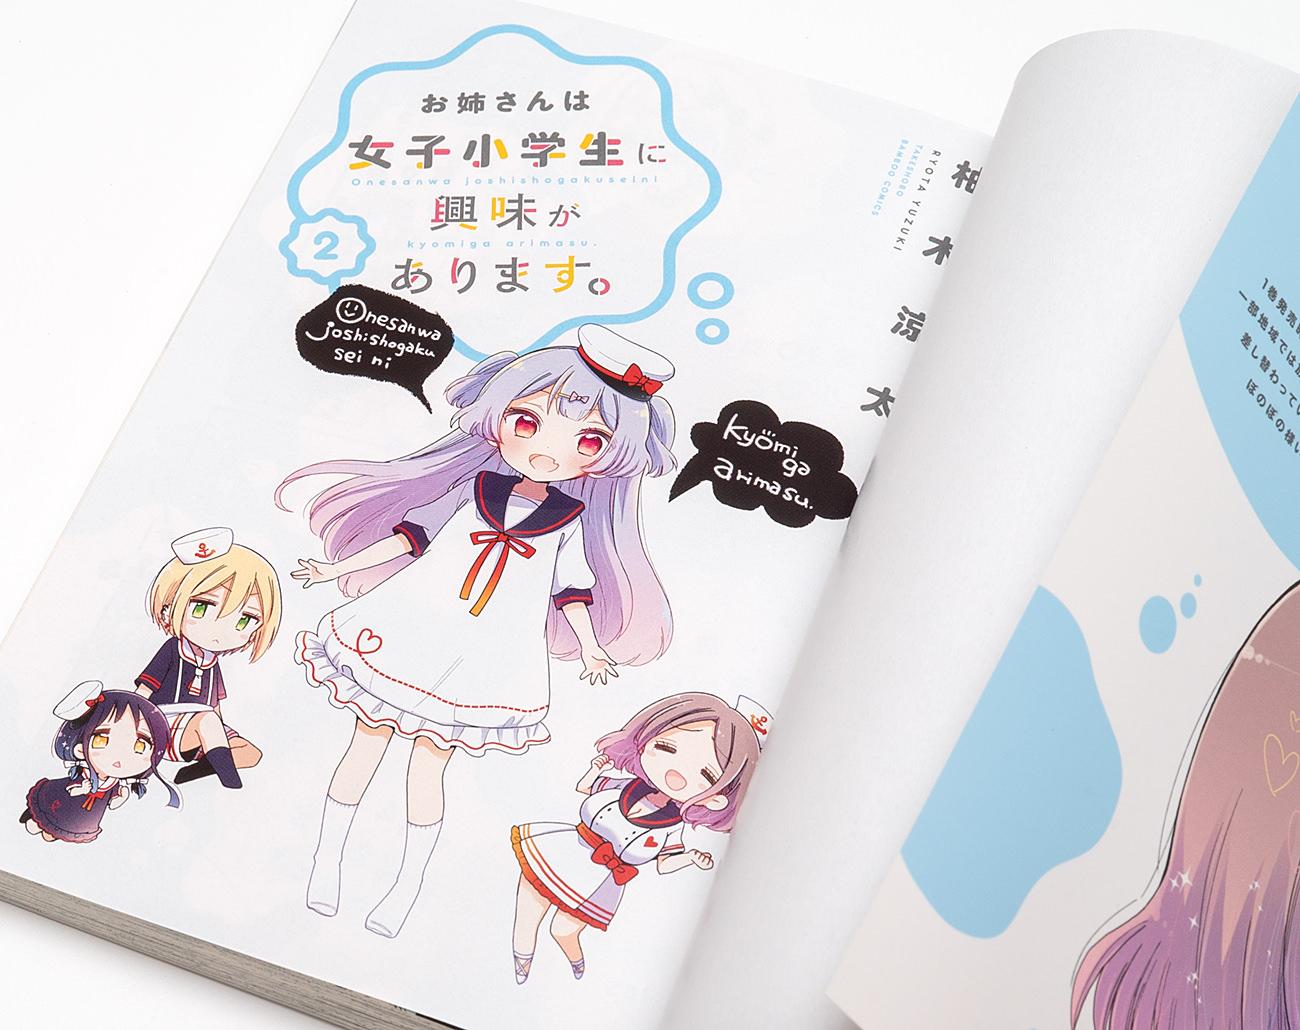 お姉さんは女子小学生に興味があります。 | 第2巻 柚木涼太